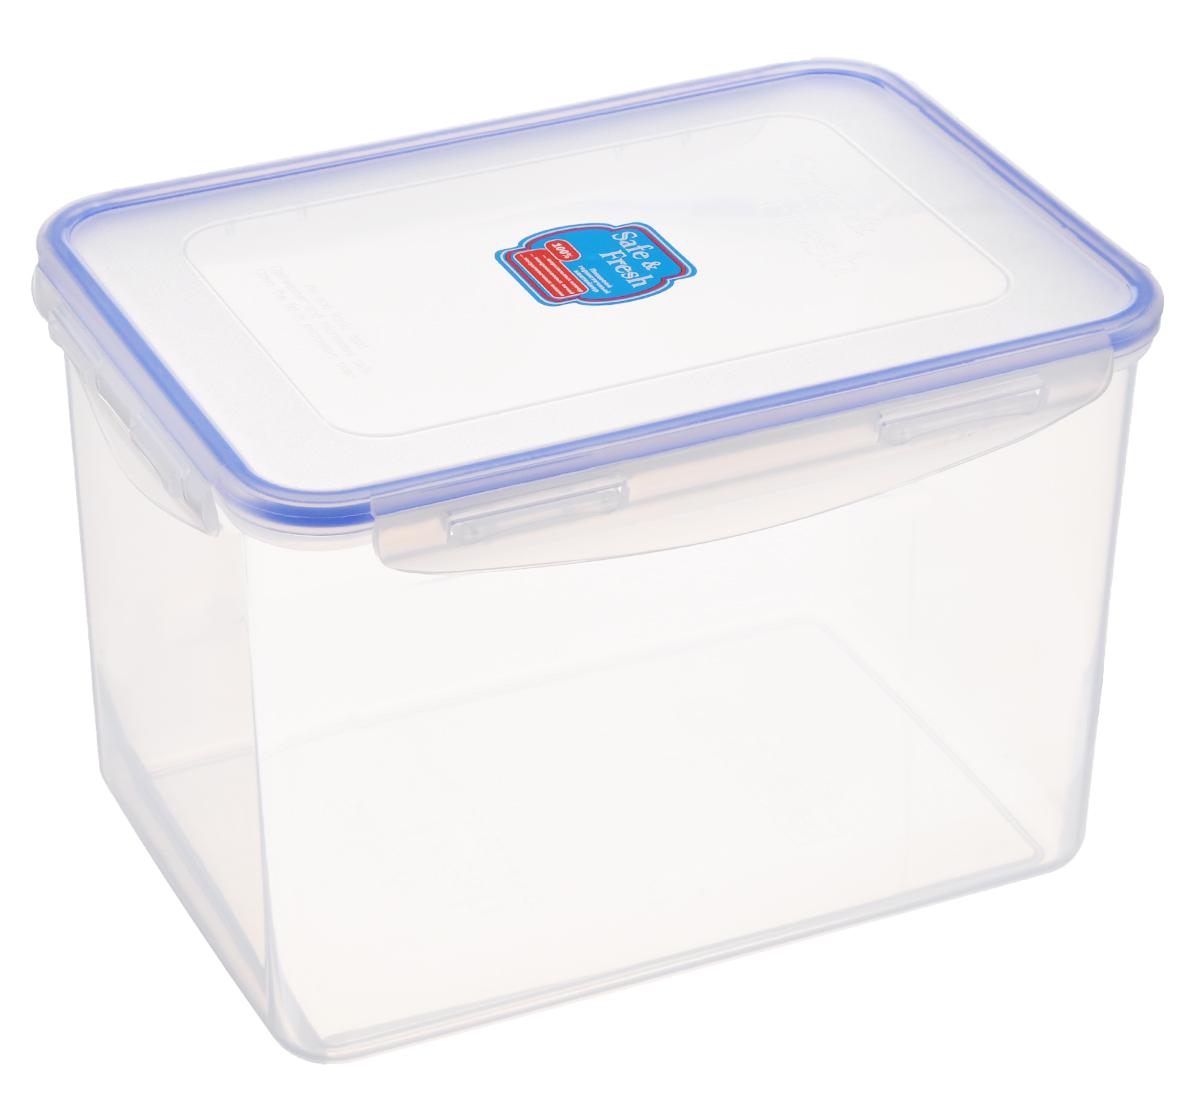 Контейнер пищевой Tek-a-Tek Safe & Fresh, цвет: прозрачный, синий, 3,9 лSF5-3Пищевой контейнер Tek-a-Tek Safe & Fresh выполнен из высококачественного пластика, устойчивого к высоким температурам. Контейнер предназначен для хранения продуктов питания, замораживания и разогревания в микроволновой печи. Изделие оснащено четырехсторонними петлями-замками и силиконовой прокладкой на внутренней стороне крышки, что позволяет сохранять герметичность.Изделие абсолютно нетоксично при любом температурном режиме. Можно использовать в посудомоечной машине до +120°С, в микроволновой печи (без крышки), в морозильной камере -40°С.